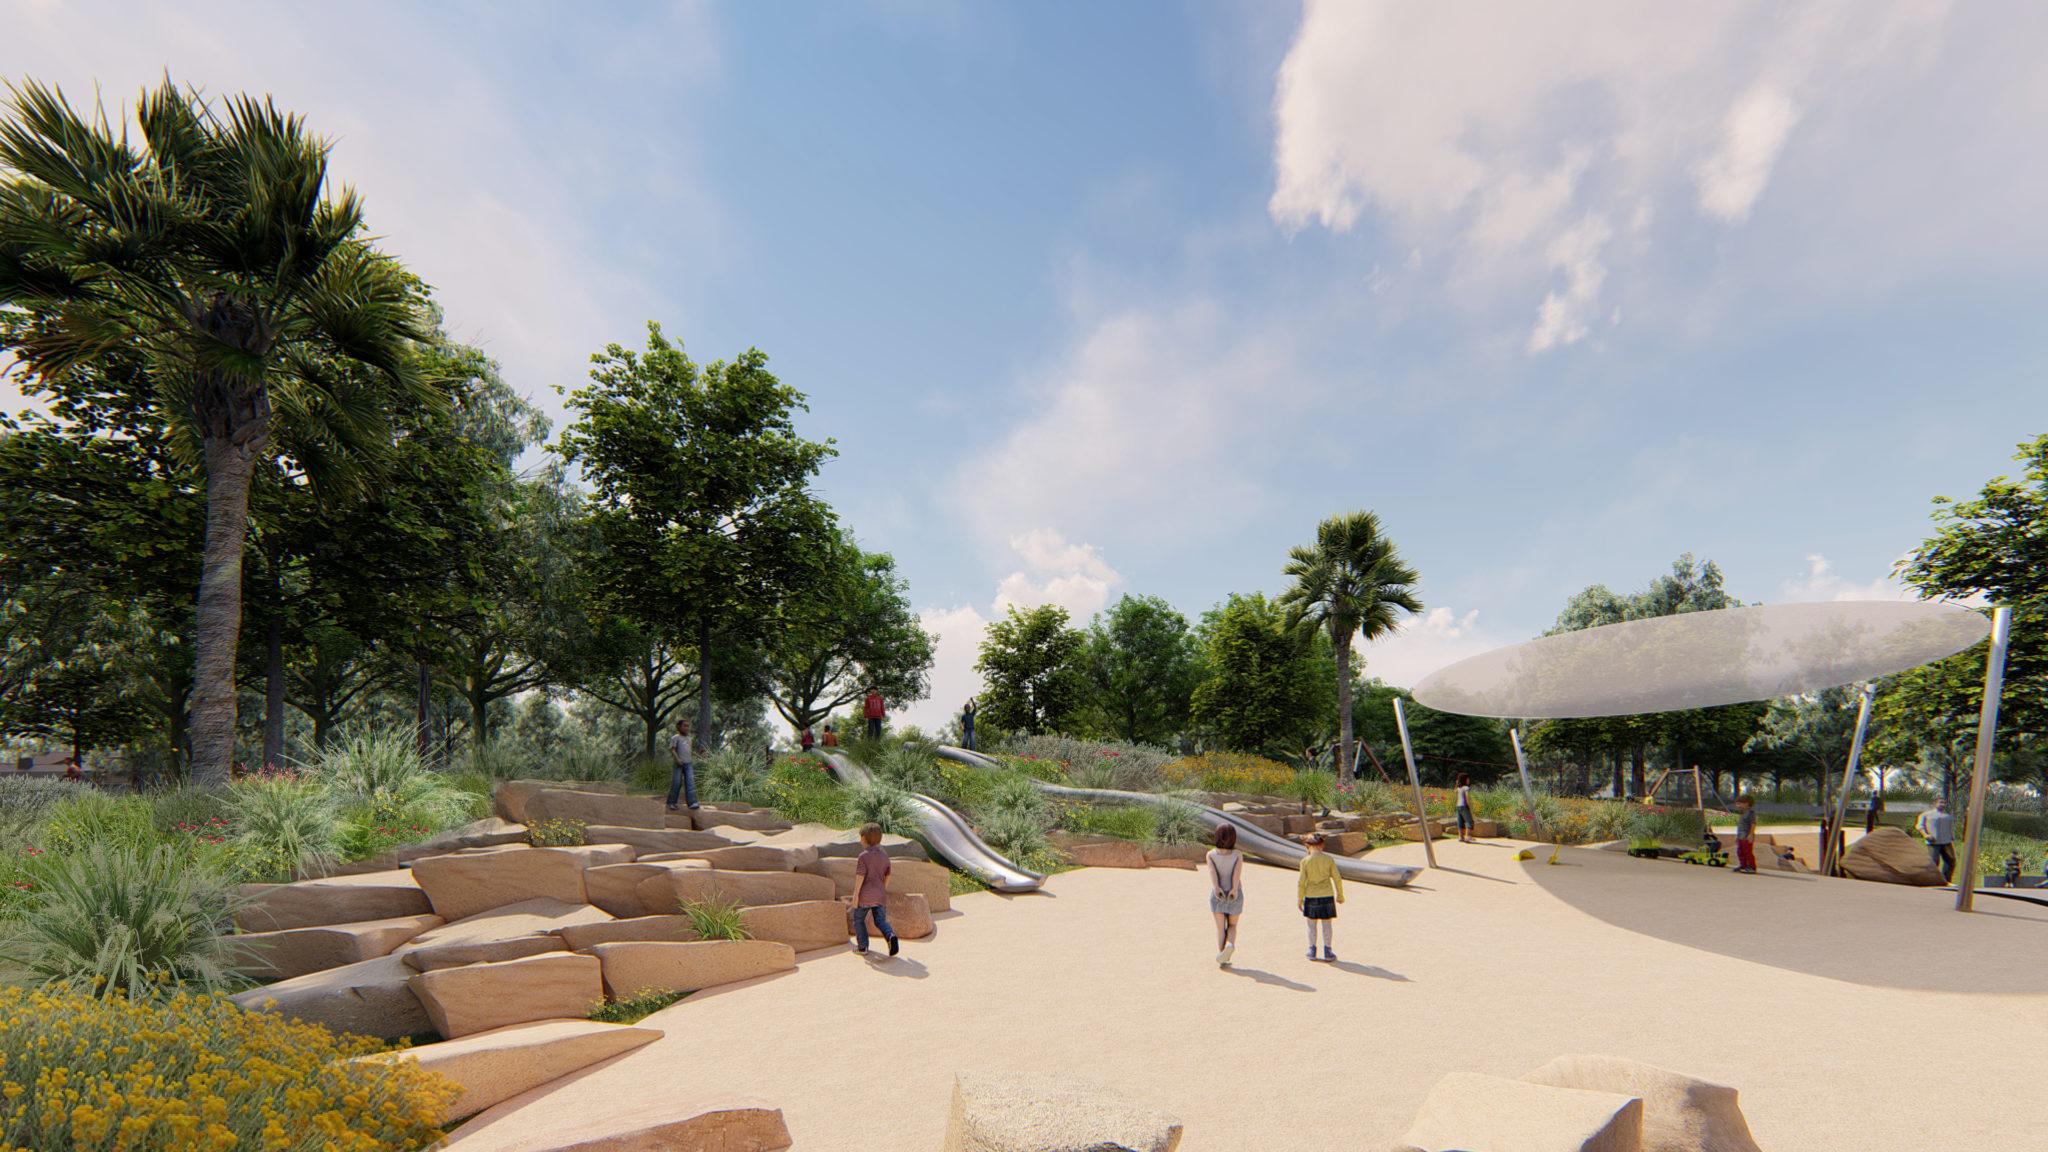 Blenheim Park Slides